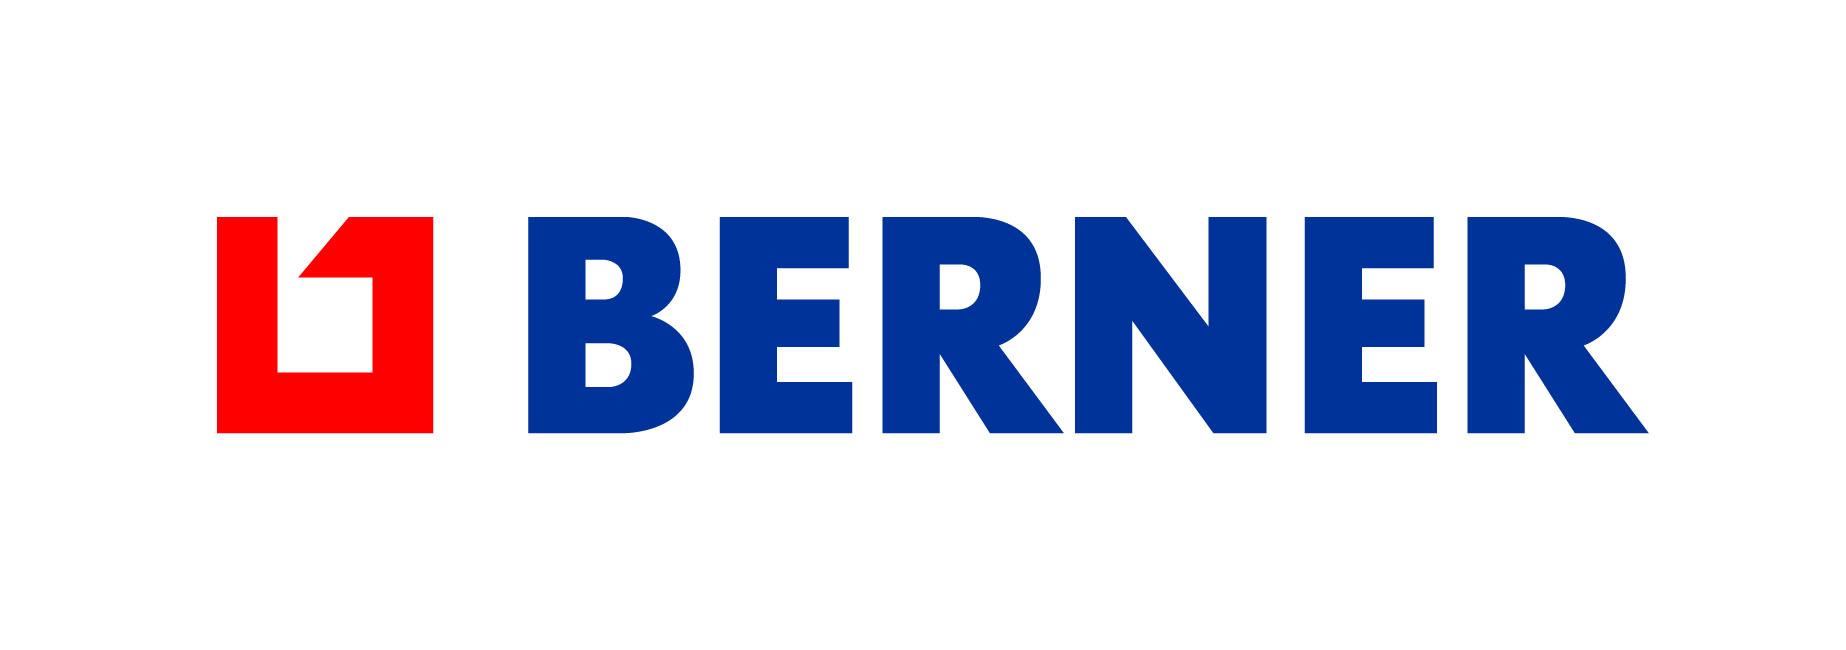 BERNER PARTENAIRE ASTR